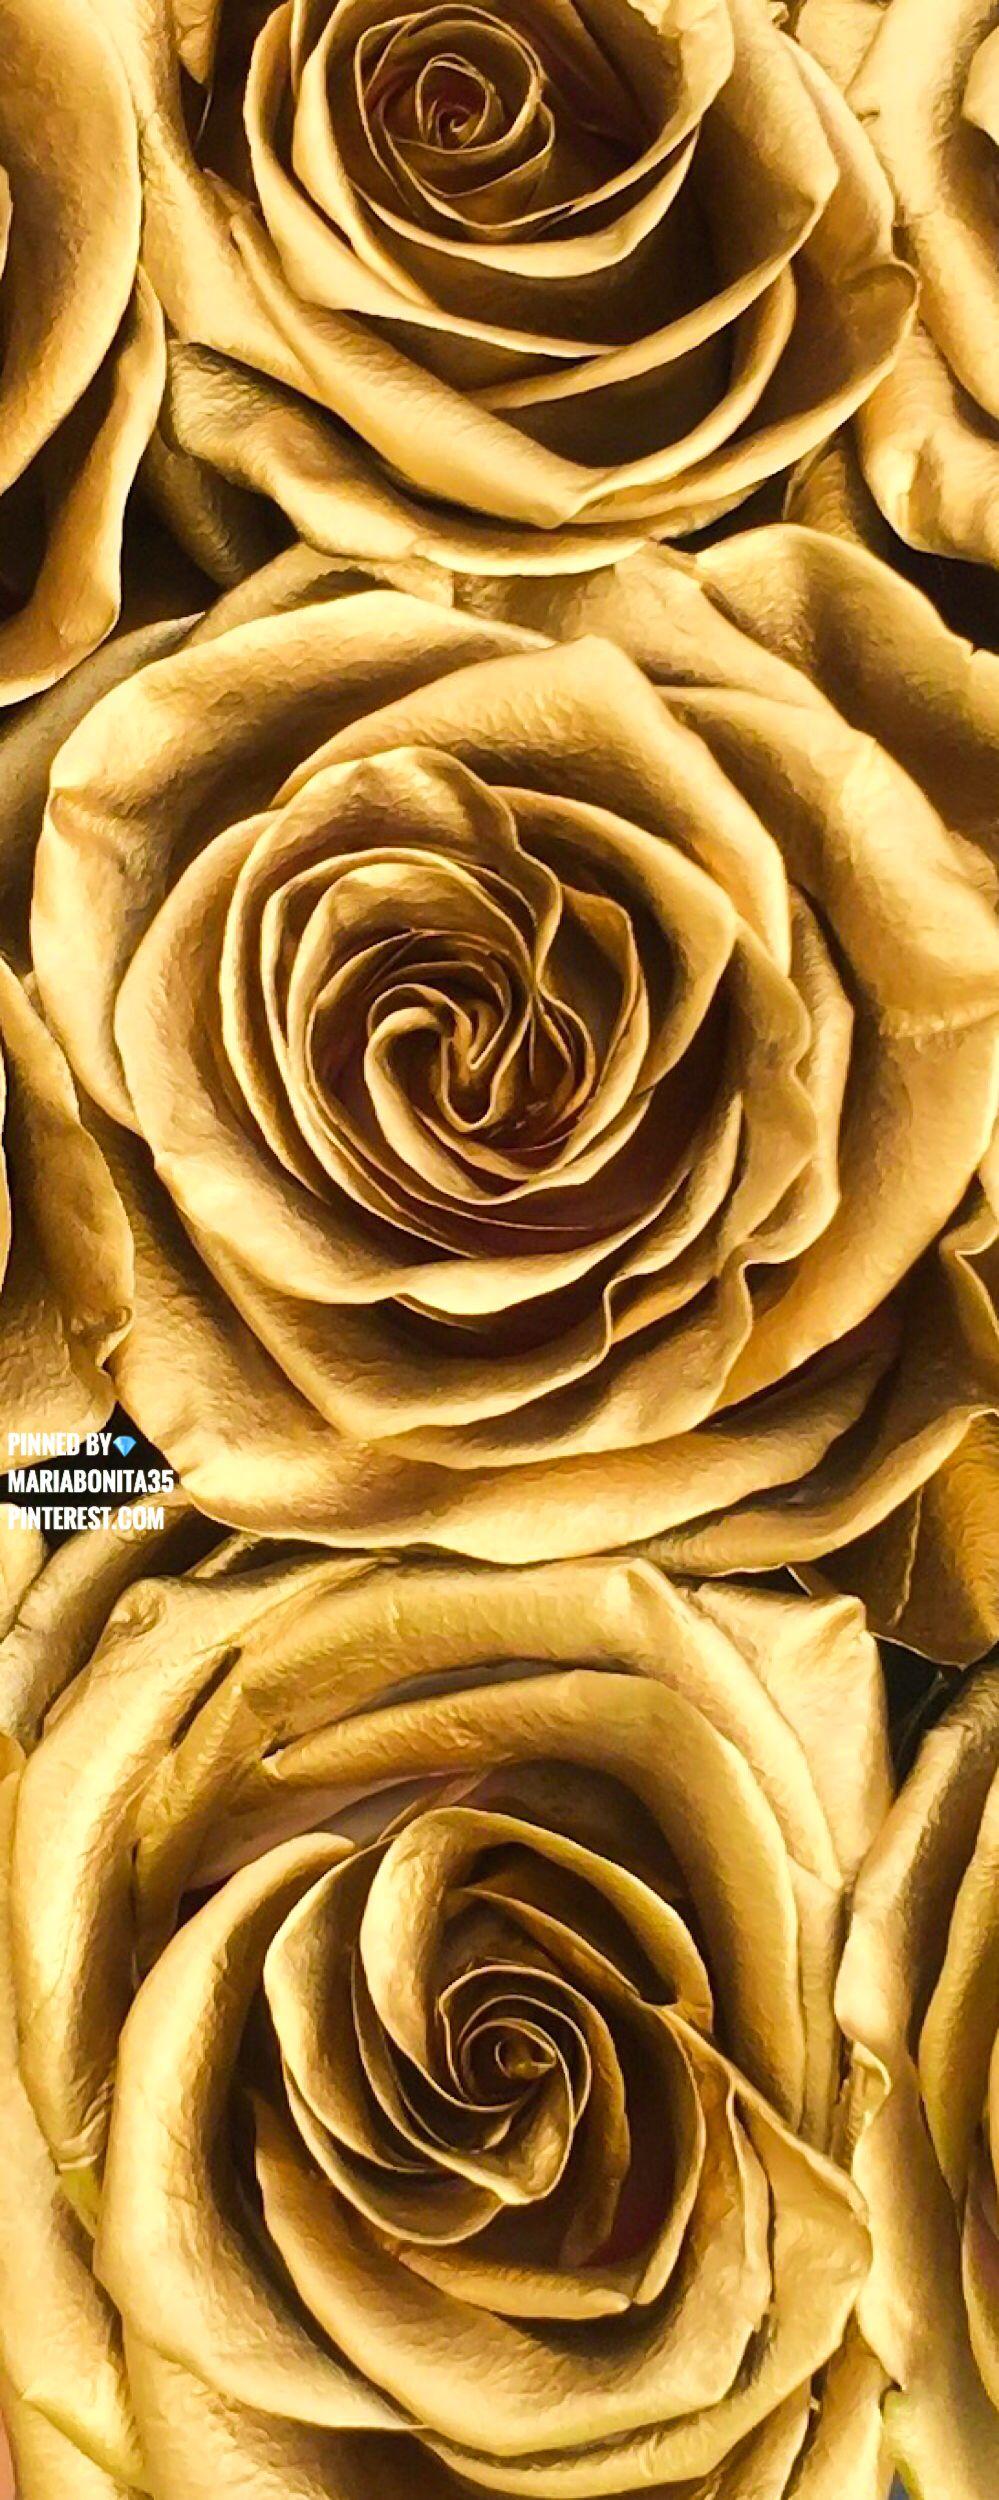 Rose Gold Wallpaper Aesthetic